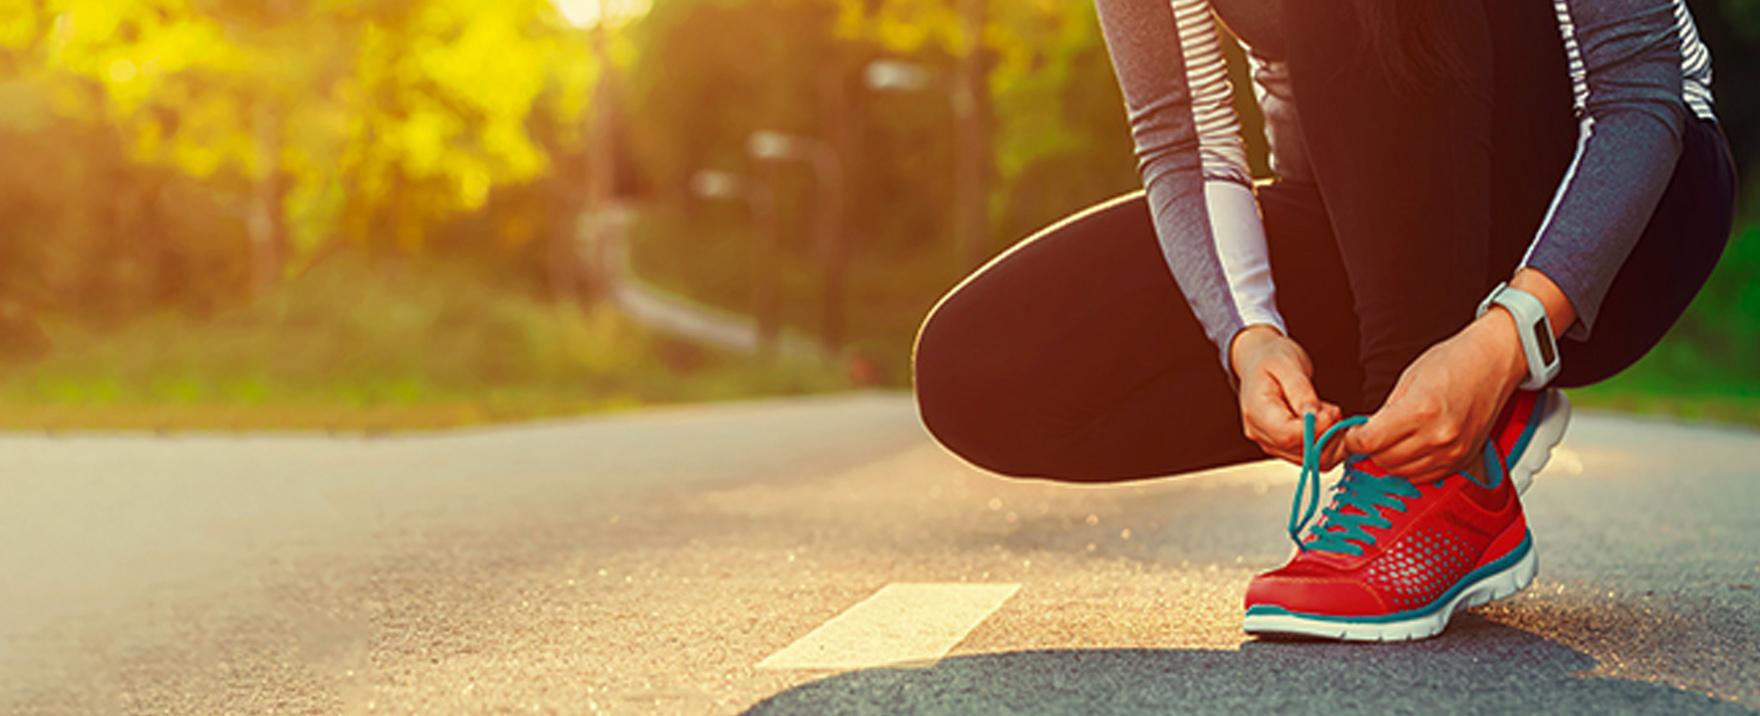 El uso adecuado del calzado para correr